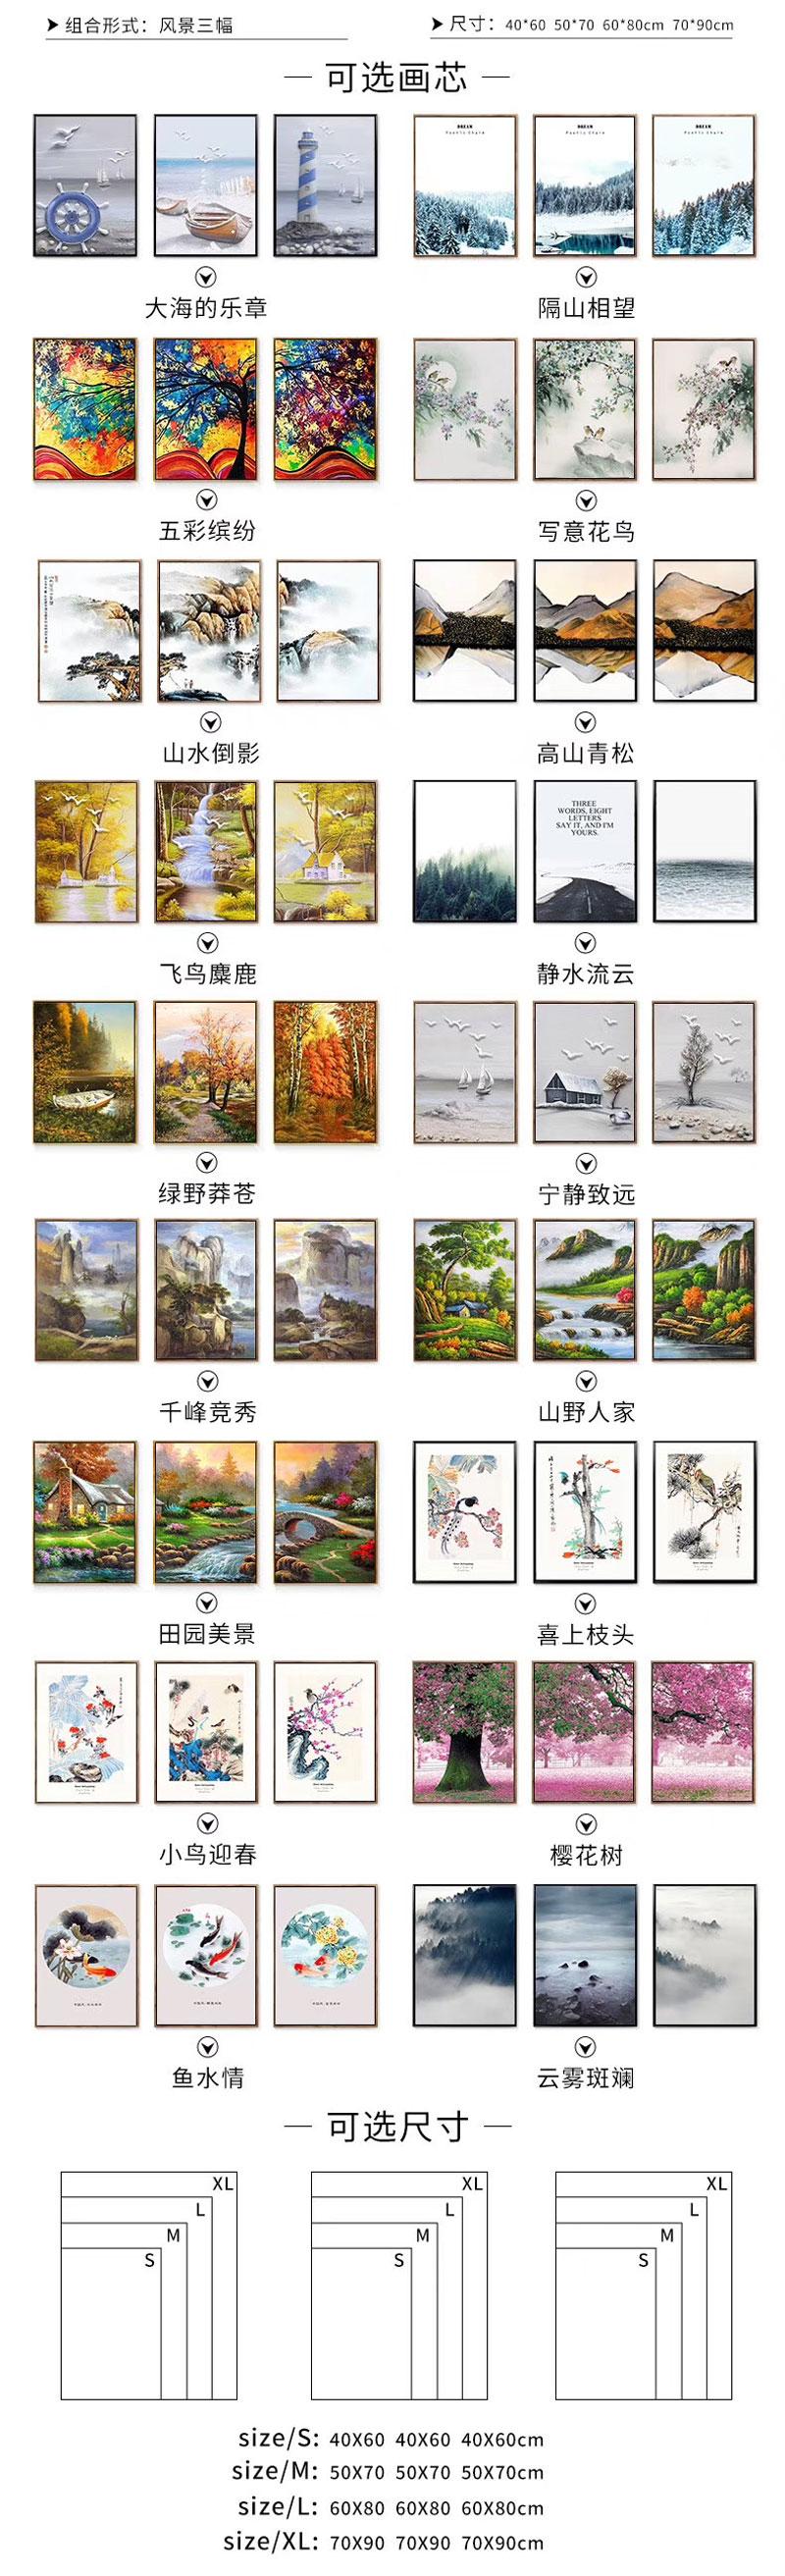 tranh trang guong da dang kich thuoc phong cach 4 - Tranh tráng gương-Album hình ảnh thực tế lắp đặt cho khách hàng PART 1